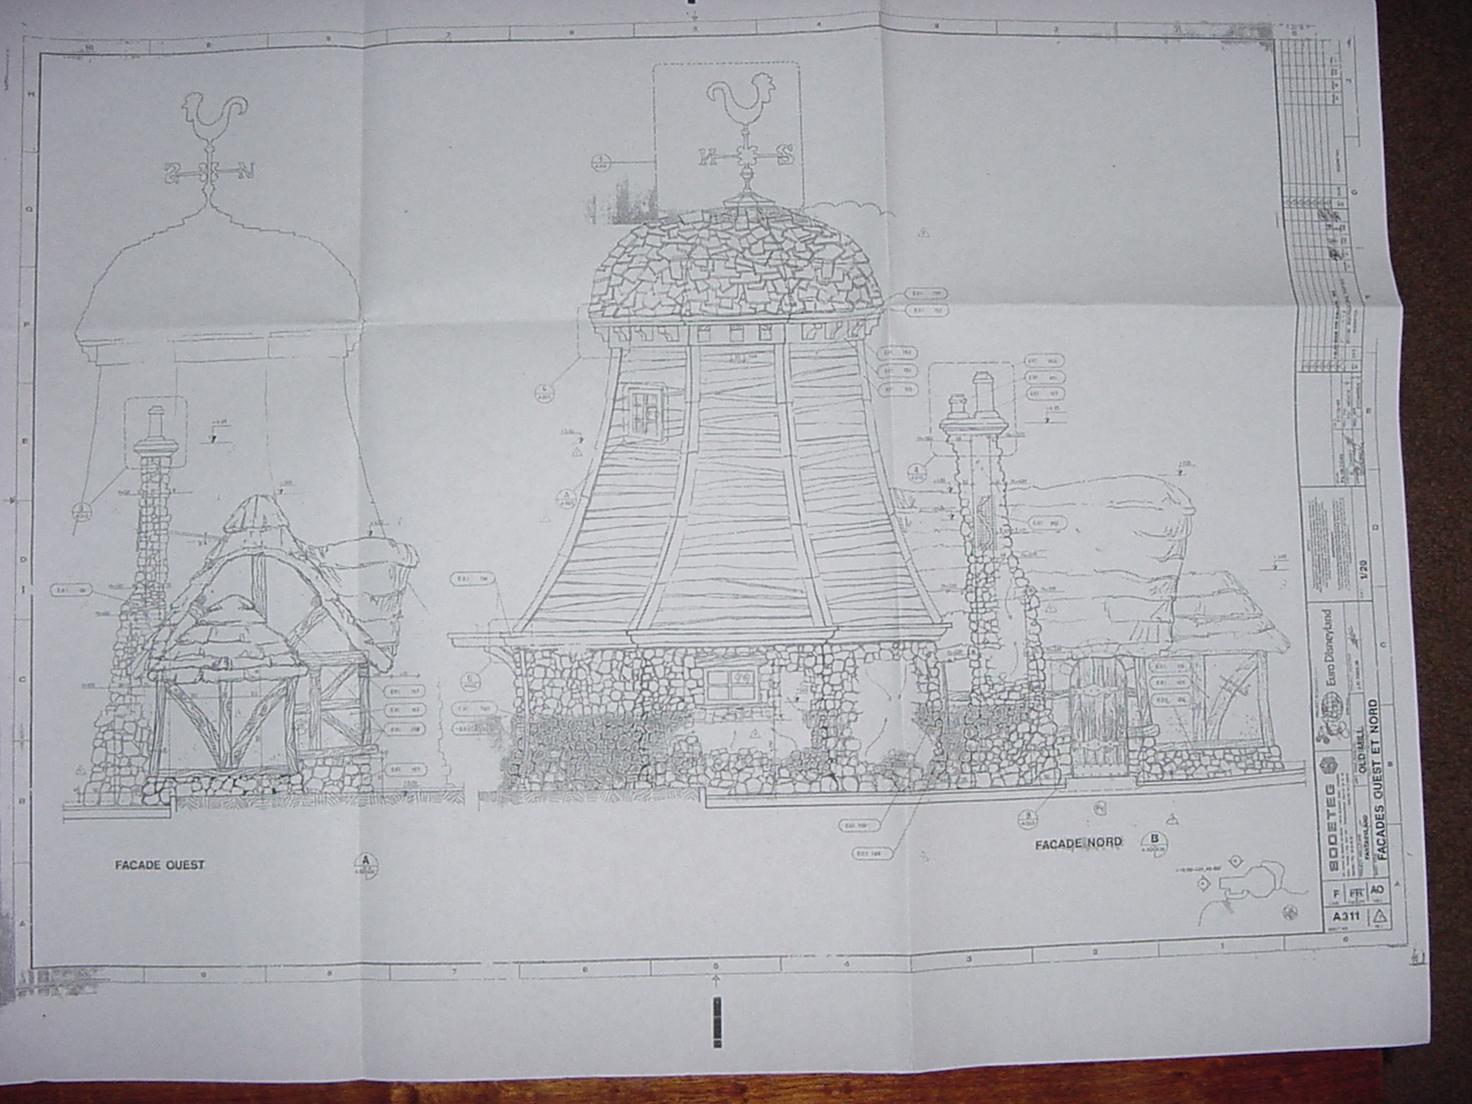 Disneyland paris blueprints price 999 shipping weight 1 lb malvernweather Images